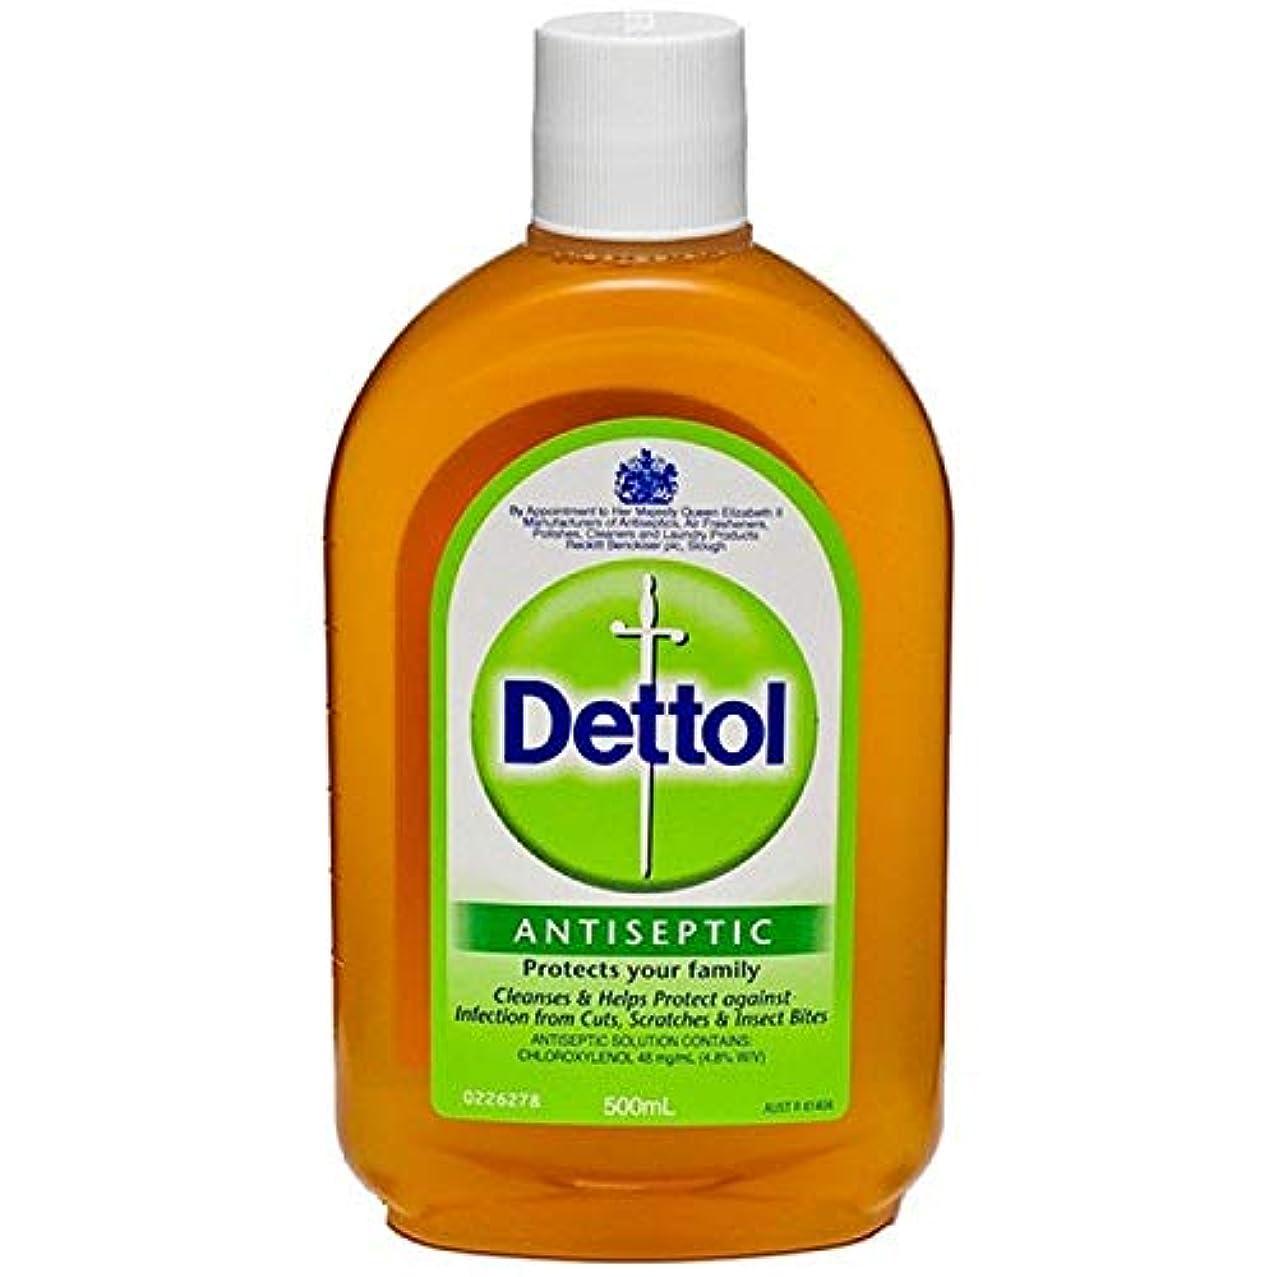 添付ヒロイック農夫Dettol 殺菌消毒液 Antiseptic Liginal 500ml (海外直送品)